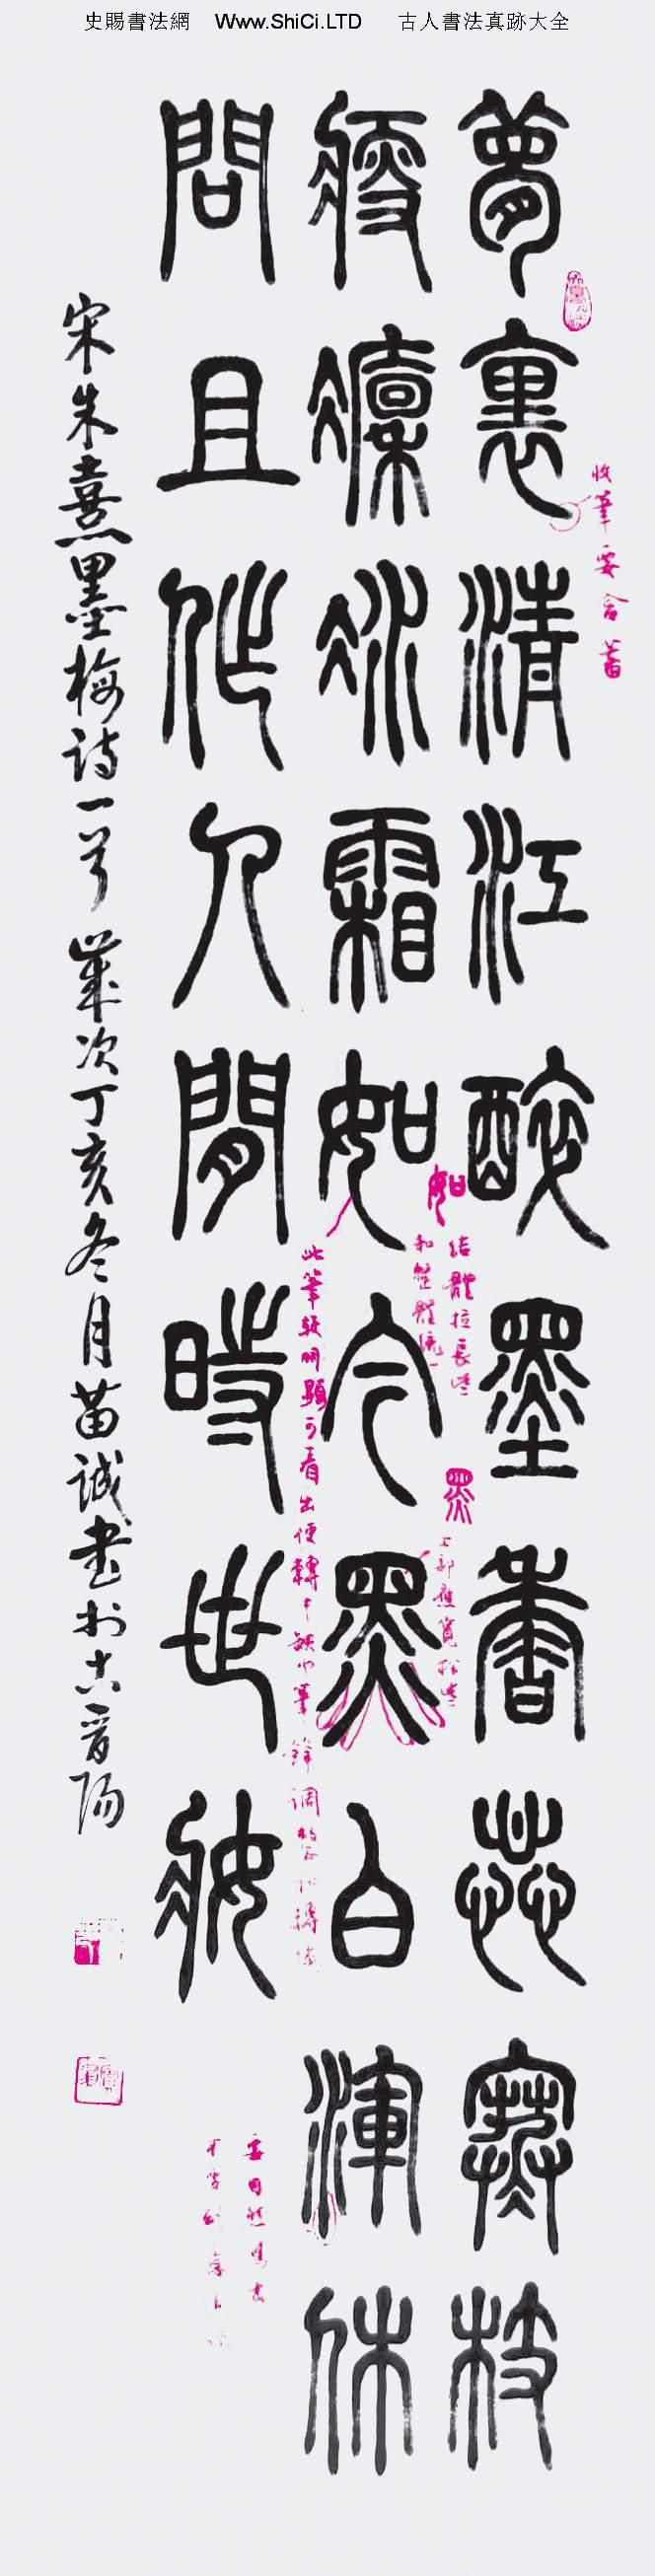 劉顏濤評改篆書作品真跡(共3張圖片)